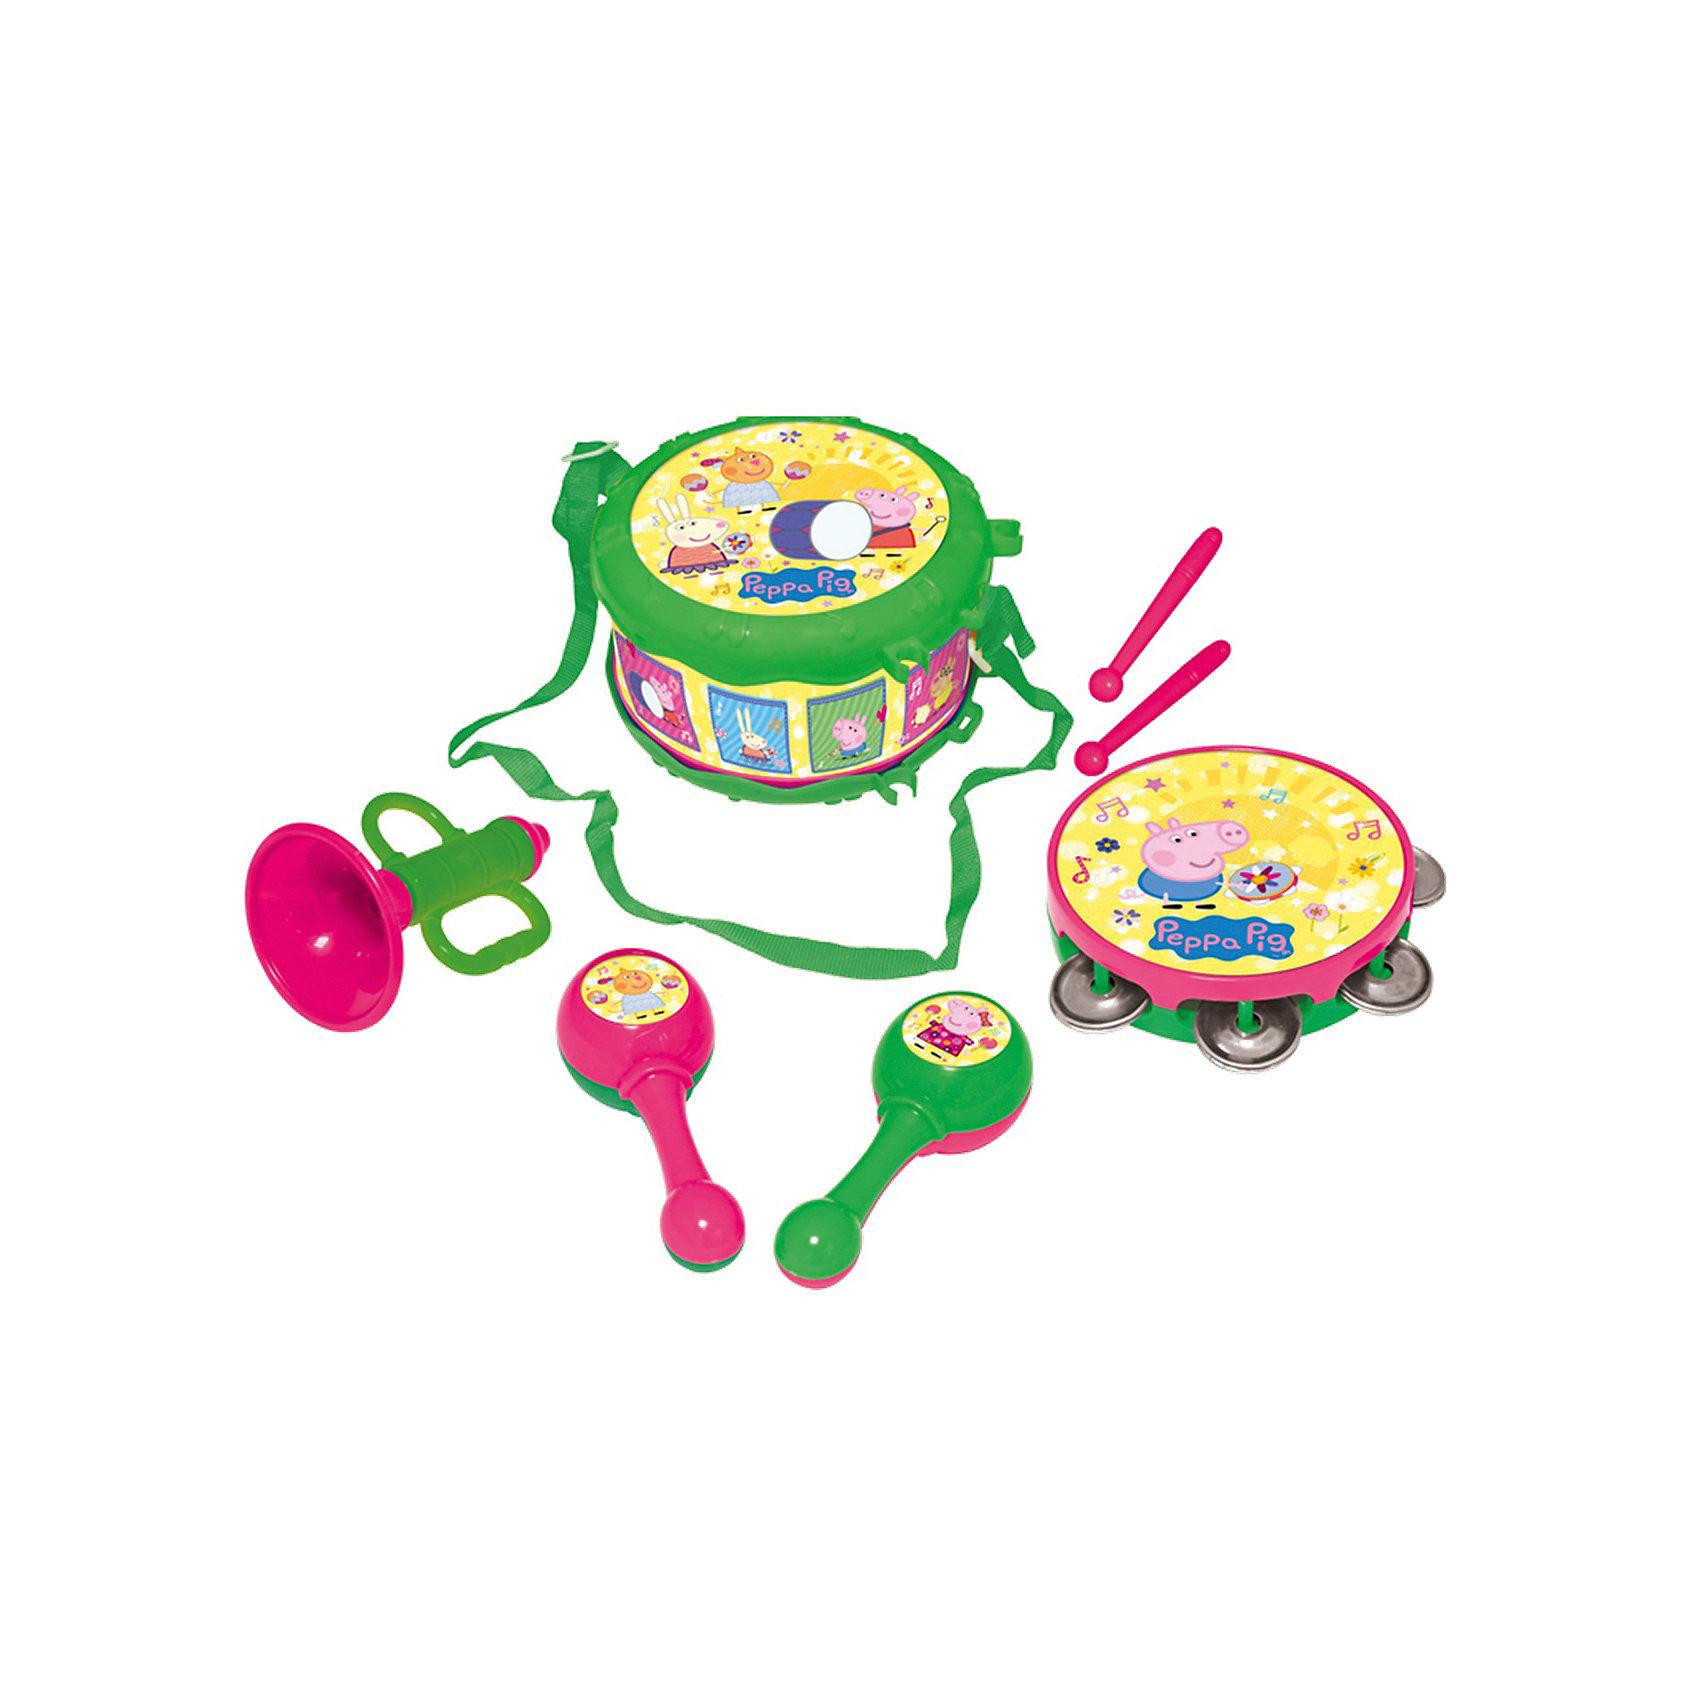 Набор музыкальных инструментов, «Свинка Пеппа»Свинка Пеппа<br>Характеристики товара:<br><br>• материал: пластик<br>• комплектация: 7 предметов - барабан с ремнем (10,5х17,5х17,5 см), бубен (2,6х10,7х10,7 см), труба (11х7х7 см), 2 маракаса (14x5x4 см), 2 барабанные палочки длиной 12,5 см<br>• вес: 670 г<br>• размер упаковки: 34 х 20 х 11 см<br>• все предметы можно уложить в барабан<br>• хорошая детализация<br>• предметы декорированы изображениями героев мультфильма<br>• упаковка: подарочная коробка<br>• возраст: от 3 лет<br>• страна производства: Китай<br><br>Такой набор станет отличным подарком для маленького любителя мультфильма «Свинка Пеппа». Он отлично проработан, в наборе есть все необходимые предметы для полноценного концерта с друзьями: барабан, бубен, труба, маракасы. Игрушка станет желанным подарком для детей!<br>Игры с такими наборами - это не только весело, они помогают развить у ребенка музыкальный слух, воображение, творческие способности и мелкую моторику. Игрушки выполнены из высококачественного пластика и декорированы изображениями героев мультфильма. <br><br>Набор музыкальных инструментов, «Свинка Пеппа» от бренда Росмэн можно купить в нашем интернет-магазине.<br><br>Ширина мм: 340<br>Глубина мм: 200<br>Высота мм: 115<br>Вес г: 670<br>Возраст от месяцев: 36<br>Возраст до месяцев: 60<br>Пол: Унисекс<br>Возраст: Детский<br>SKU: 5471903